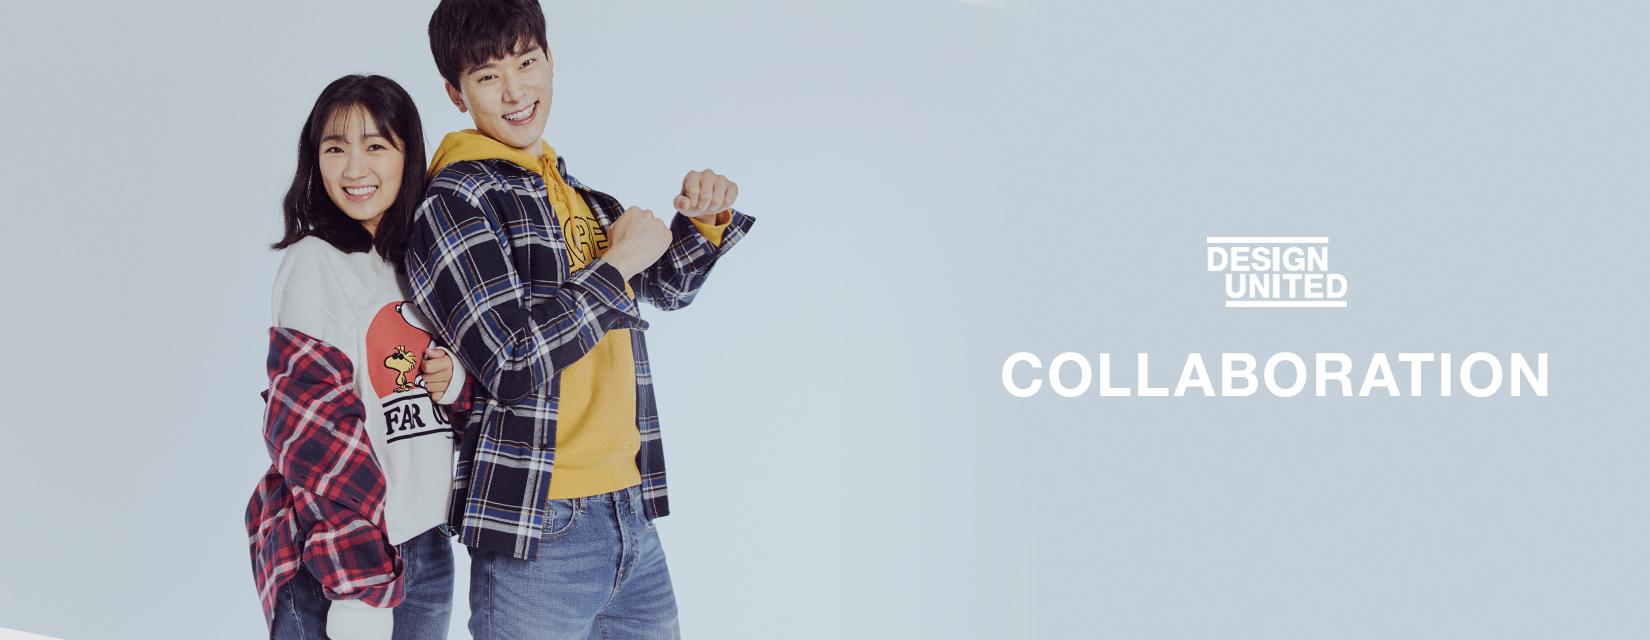 [DU] COLLABORATION